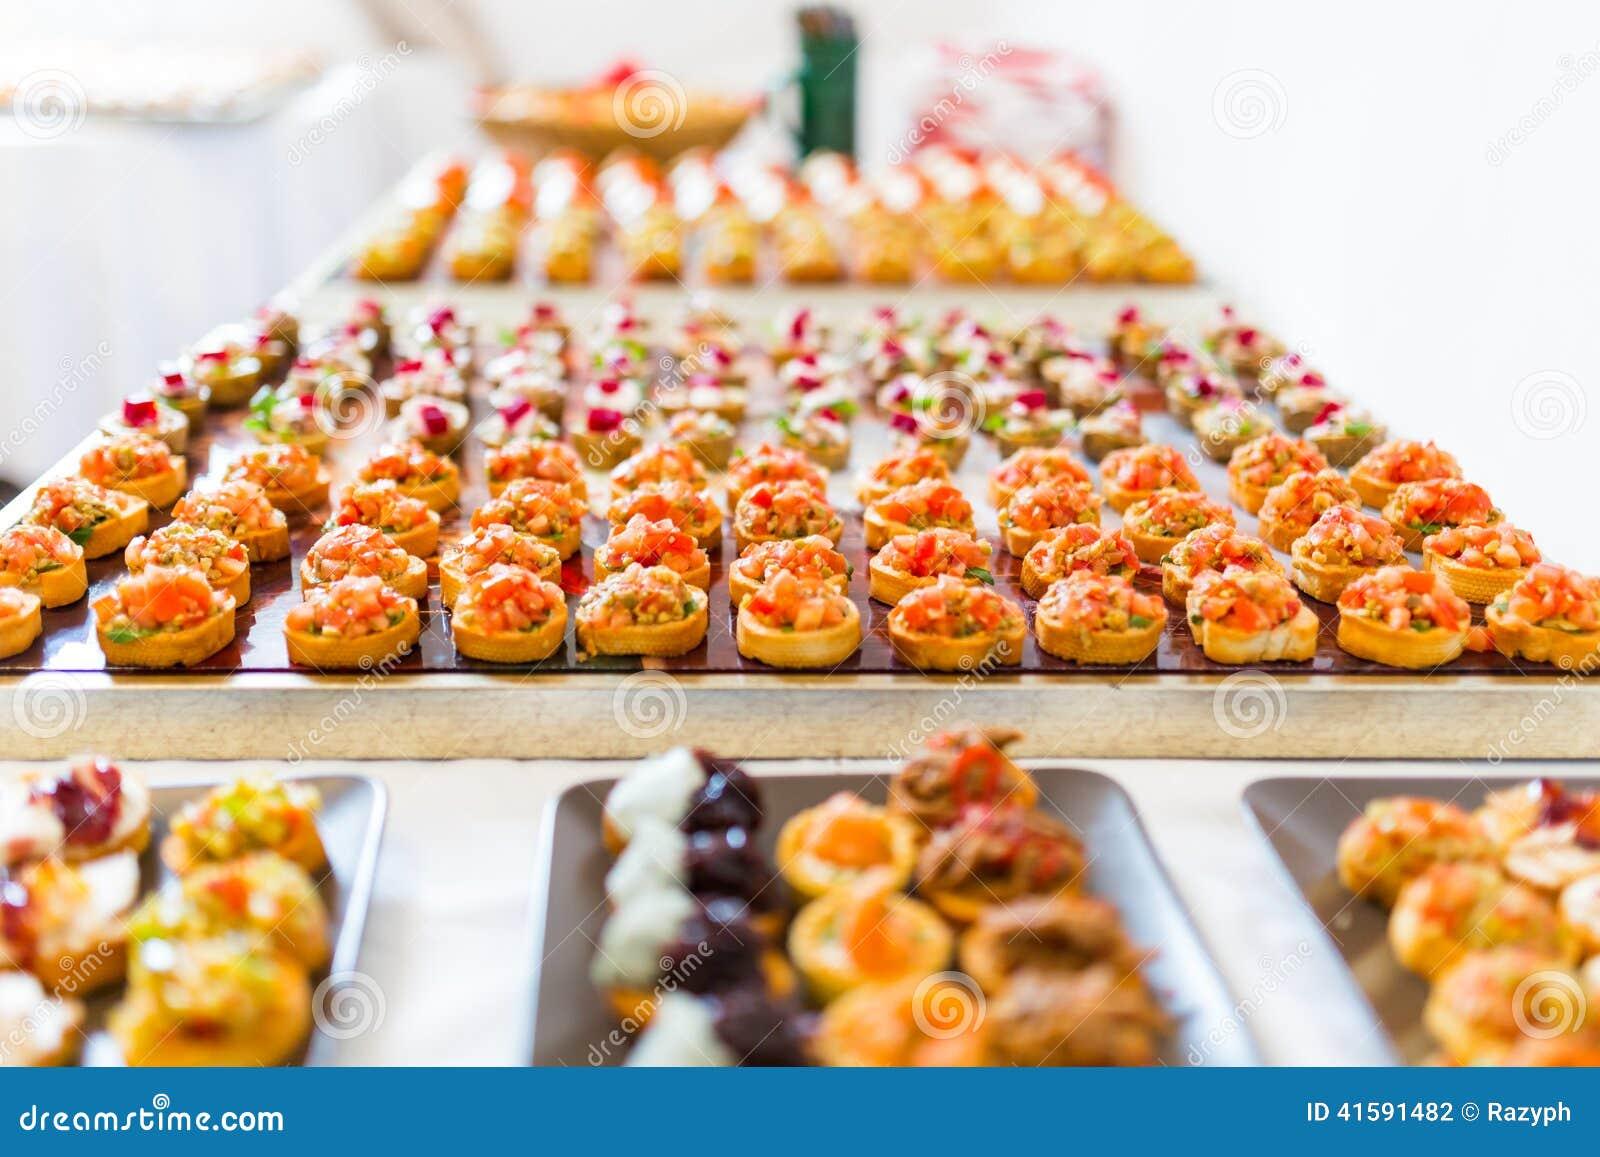 thumbs.dreamstime.com/z/buffet-de-canapes-41591482.jpg